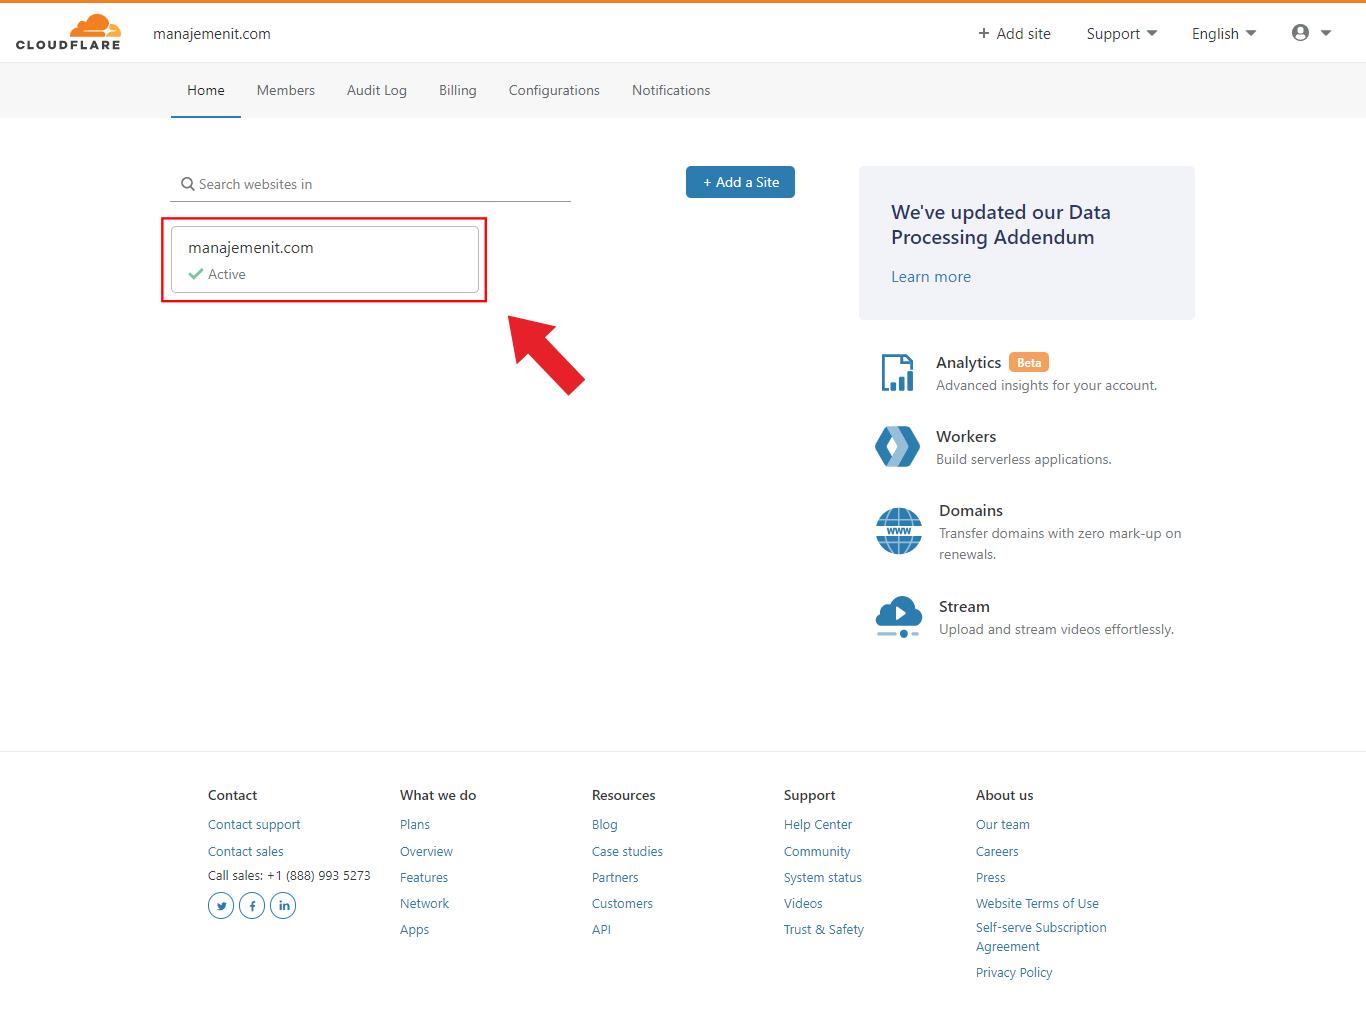 2-panduan-bagaimana-menambahkan-sub-domain-di-cloudflare-halaman-dashboard-cloudflare-2